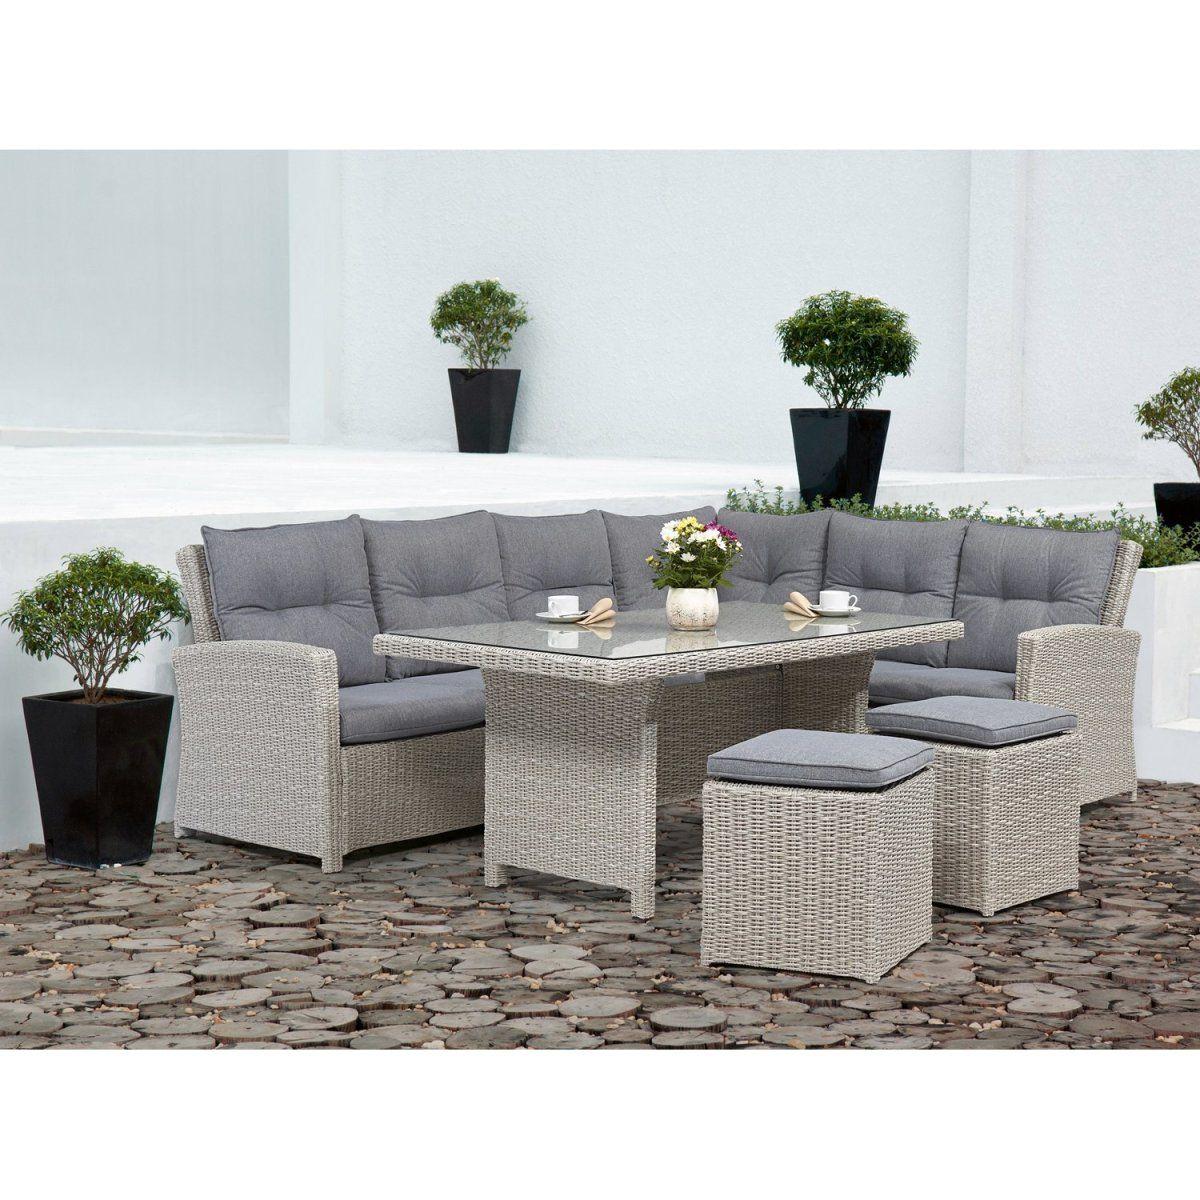 41+ Gartenmoebel lounge set mit esstisch Sammlung